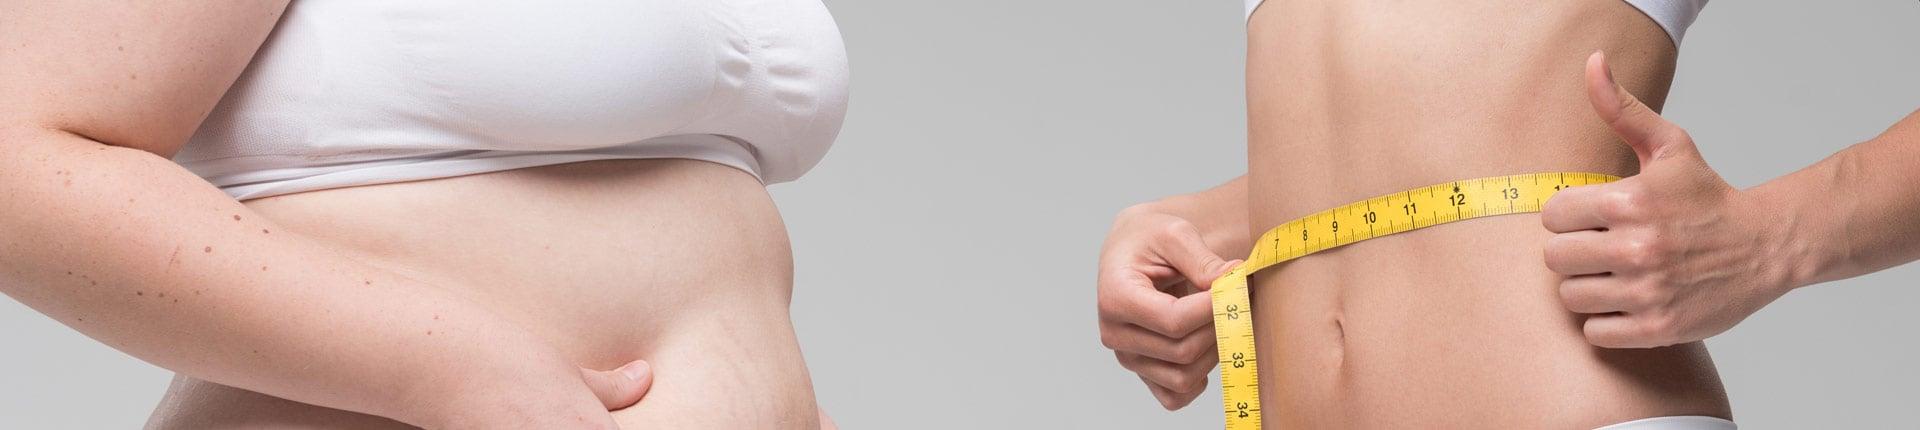 Reverse diet czyli jak zakończyć odchudzanie i nie wpaść w pułapkę jo-jo?